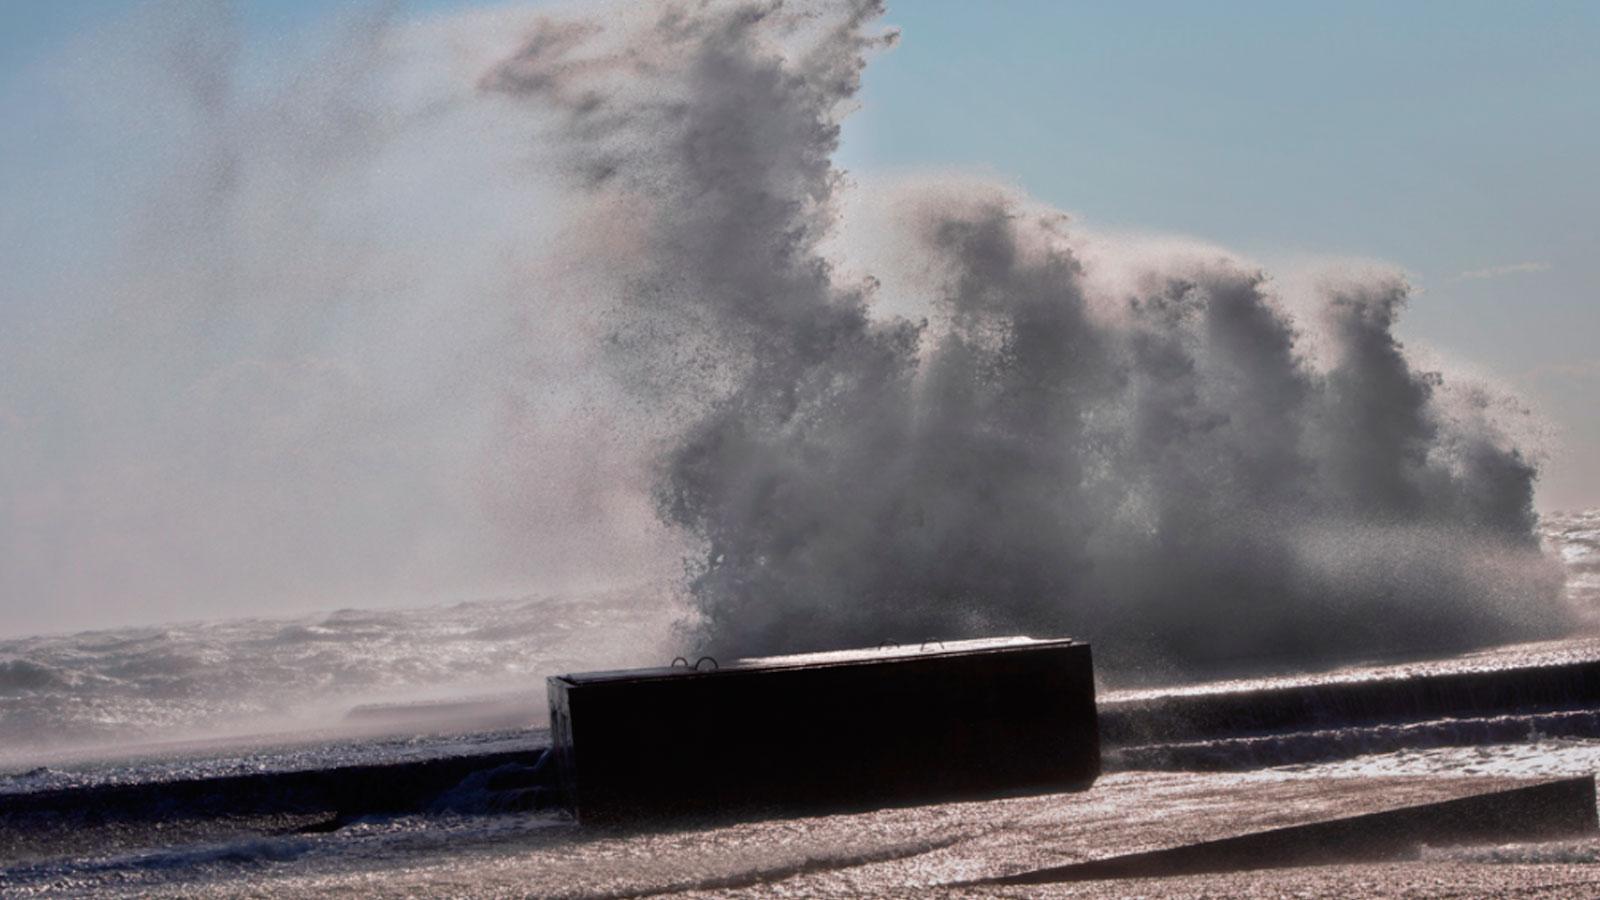 Rachel Cobb, la fotógrafa del viento